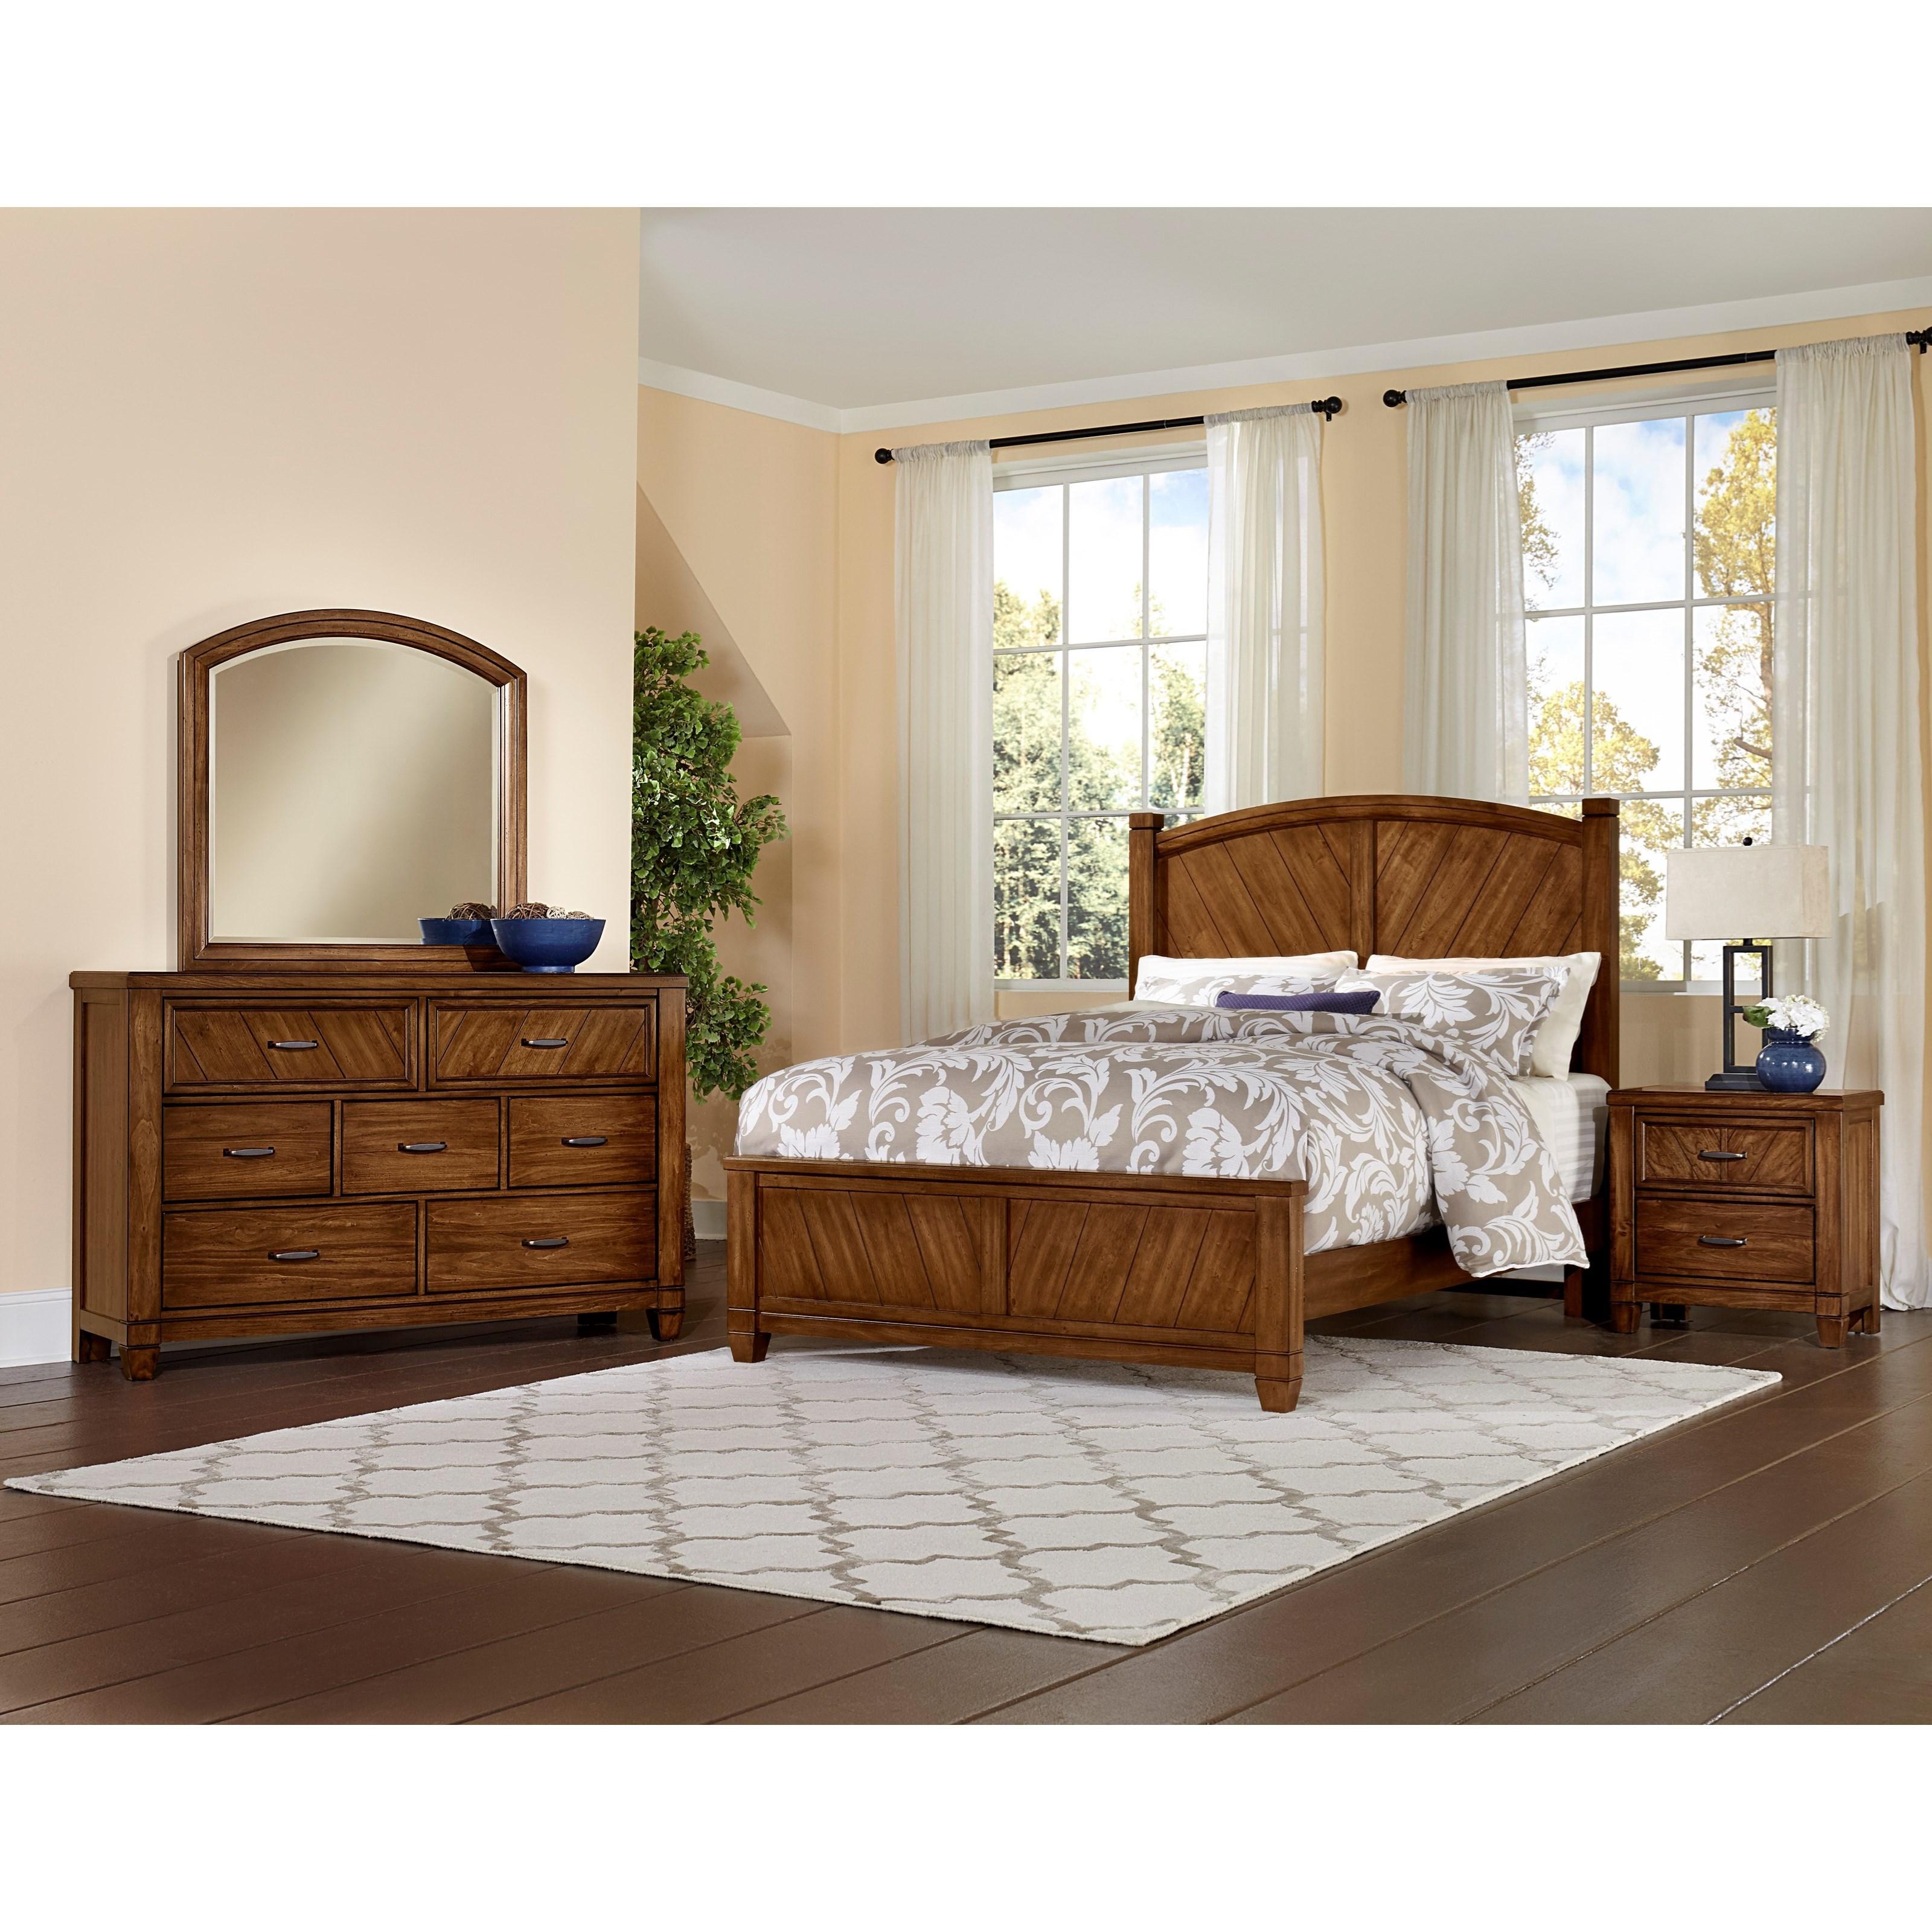 Vaughan Bassett Rustic Cottage Queen Bedroom Group - Item Number: 642 Q Bedroom Group 1